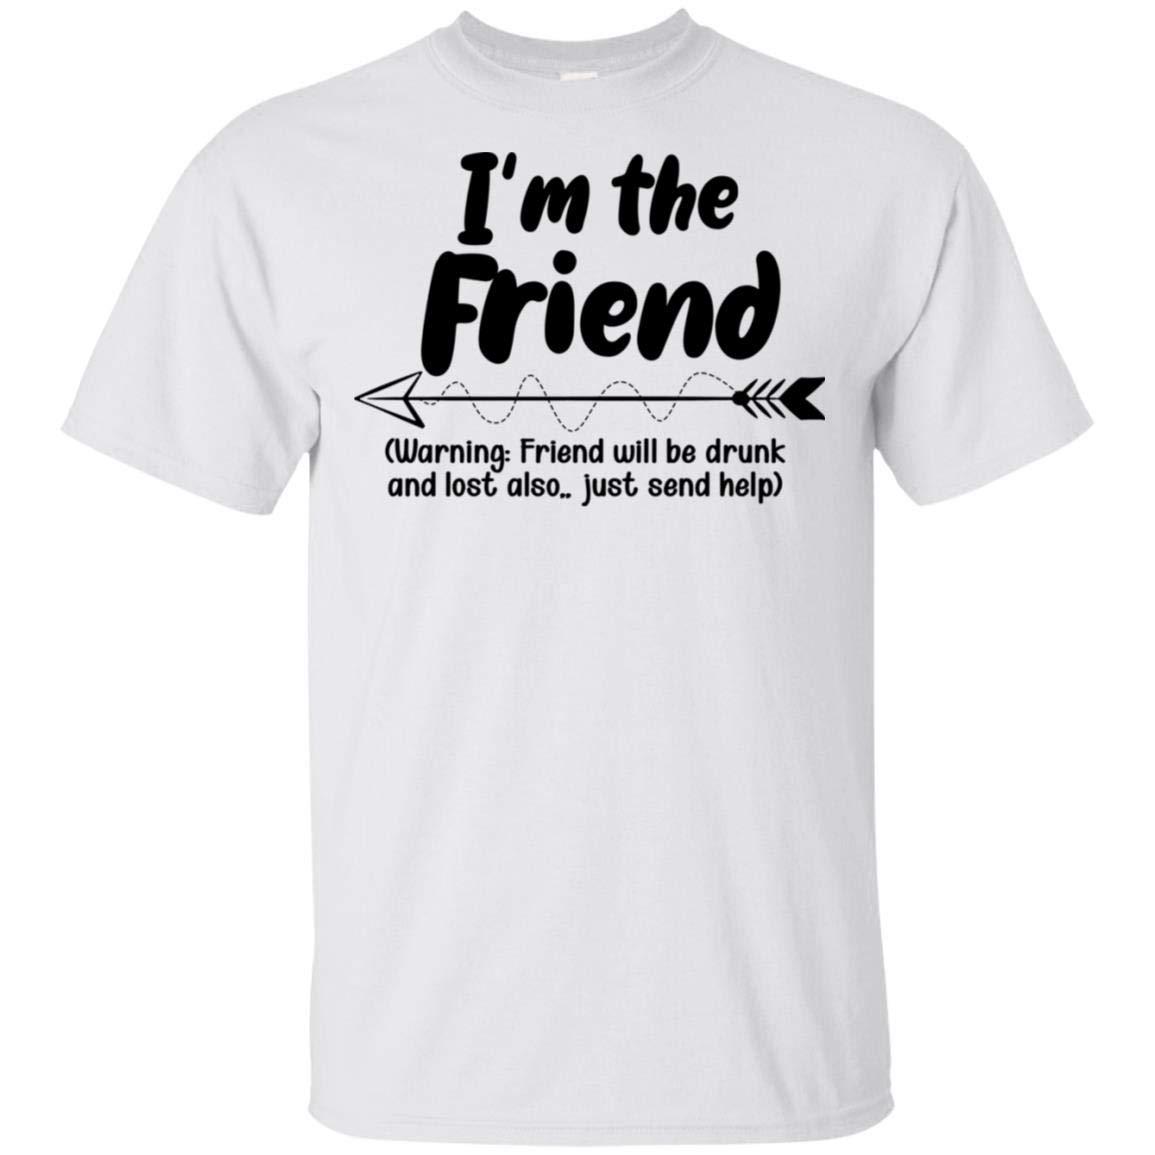 Truekool I M The Friend Warning Friend Will Be Drunk If Lost Or Drunk Please Return Funny